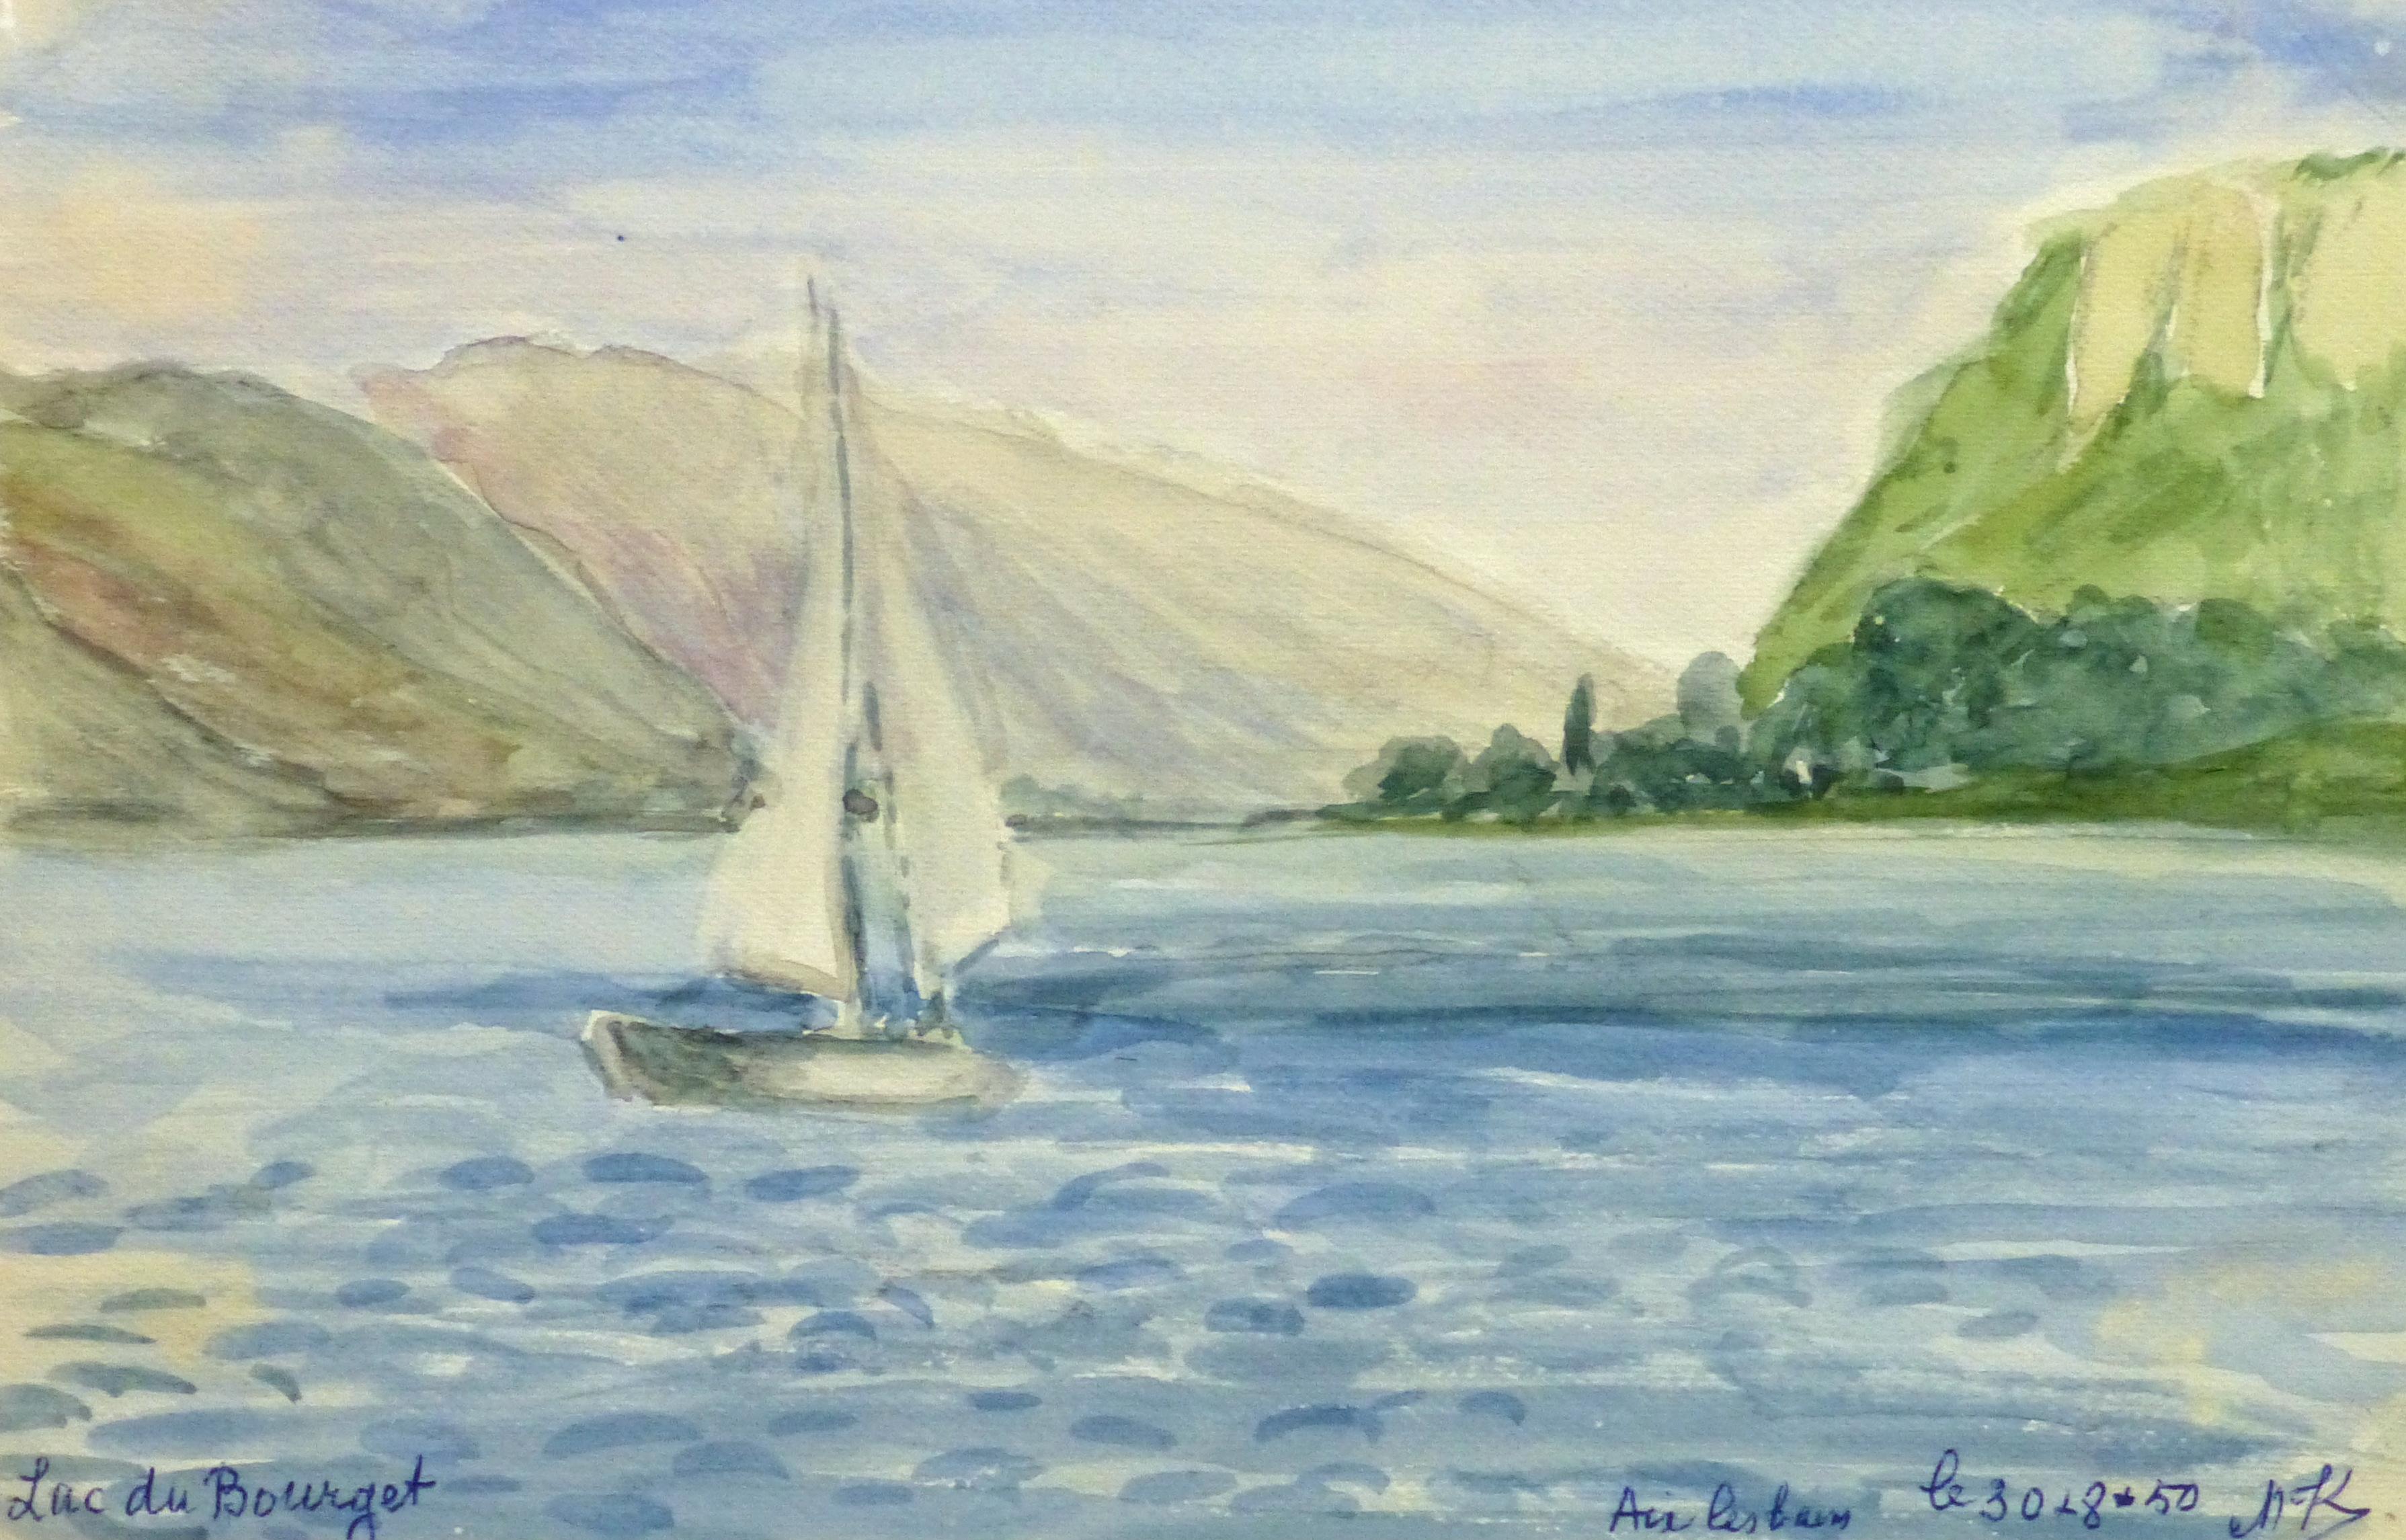 Watercolor Landscape - Smooth Sailing, Circa 1950-main-10635M